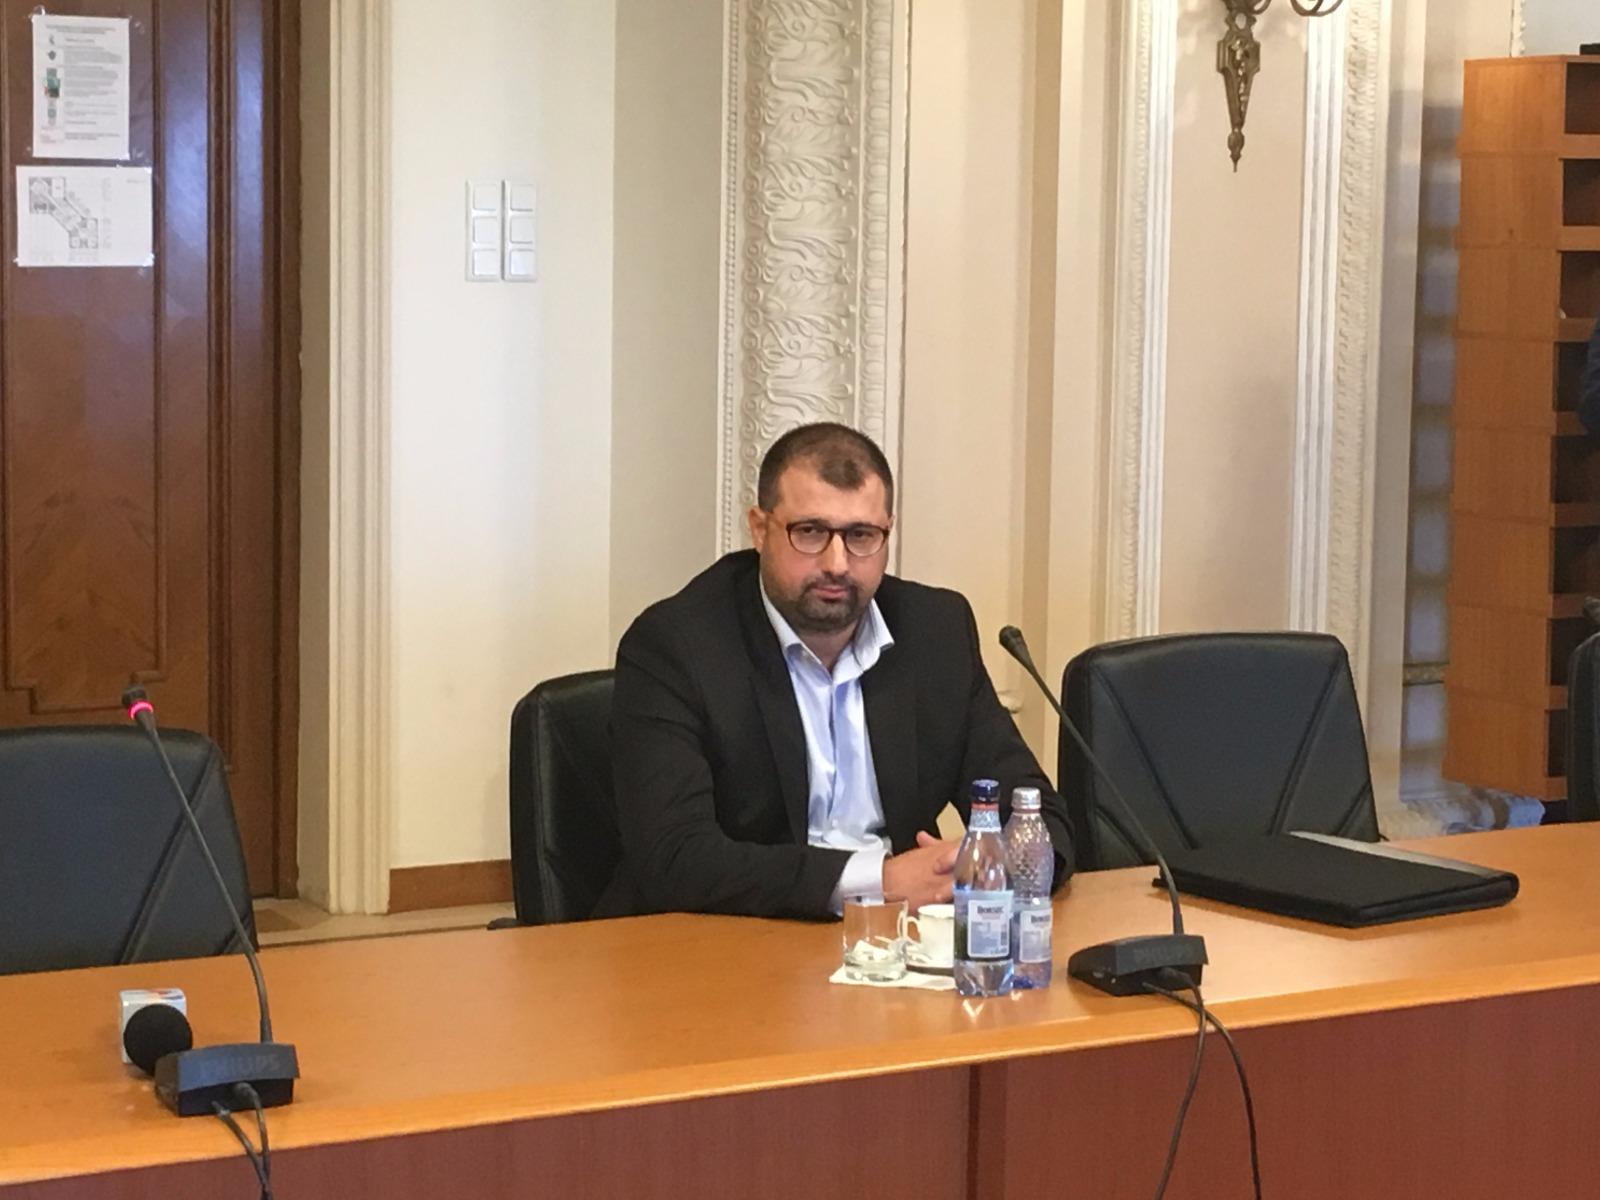 Ofiţerul SRI, Daniel Dragomir, despre noaptea alegerilor din 2009: Celula de criză de la Oprea avea ca scop împiedicarea renumărării voturilor din Diaspora; Întâlnirea a fost `documentată` de către SRI